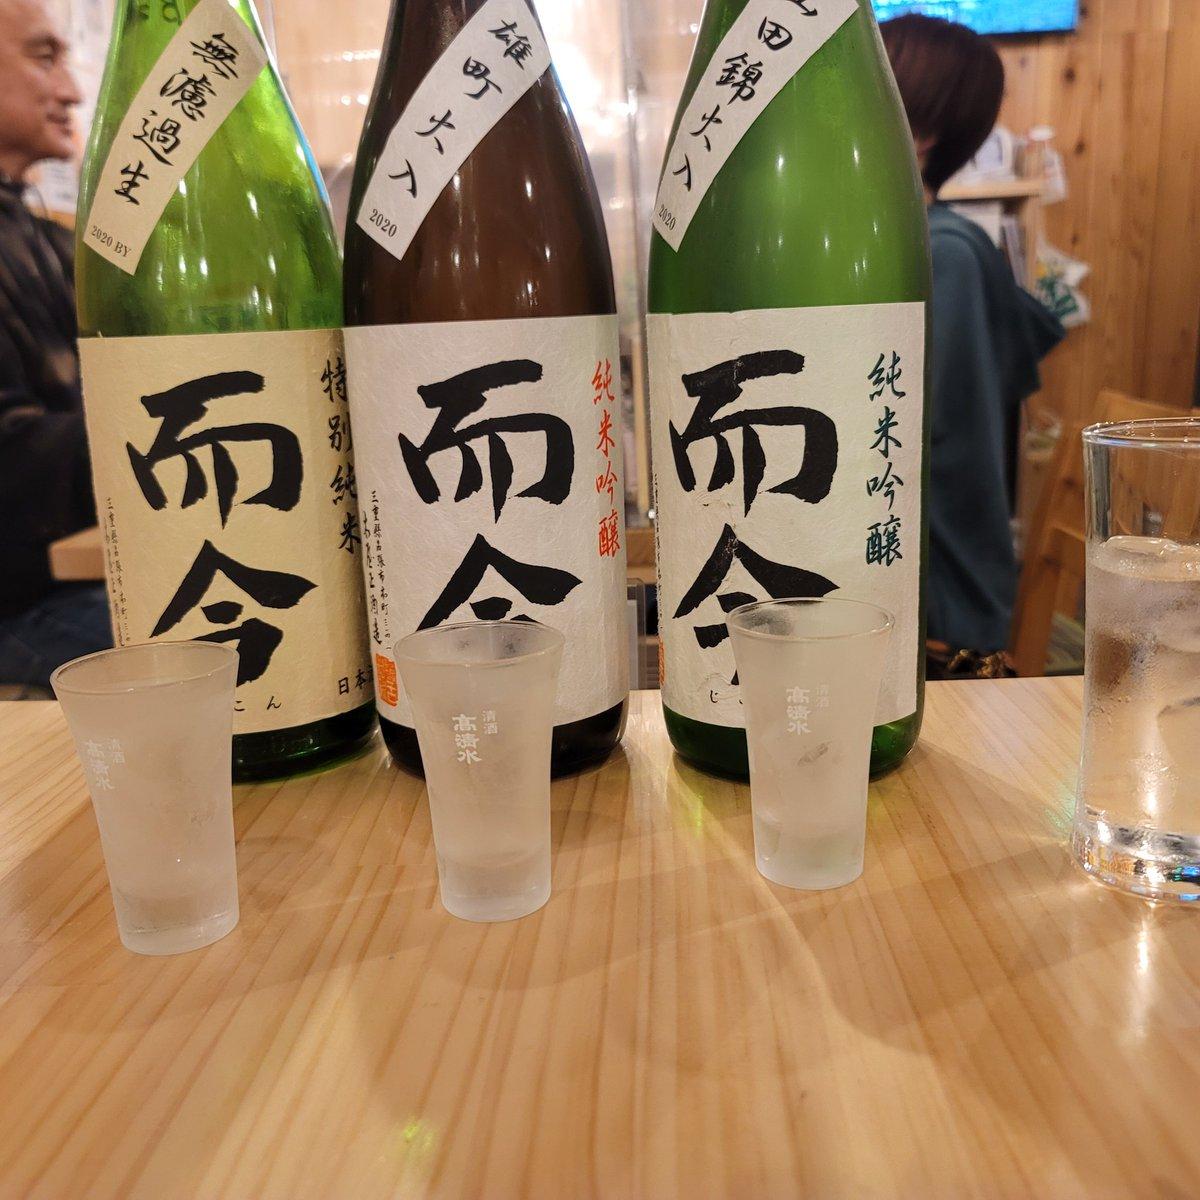 test ツイッターメディア - 而今飲み比べ(1100円)と刺し身、白子ポン酢、生かき美味しかったー!この他にも、十四代、田酒、飛露喜も飲んできた!日本酒うまままま https://t.co/MCaBvrwGsI